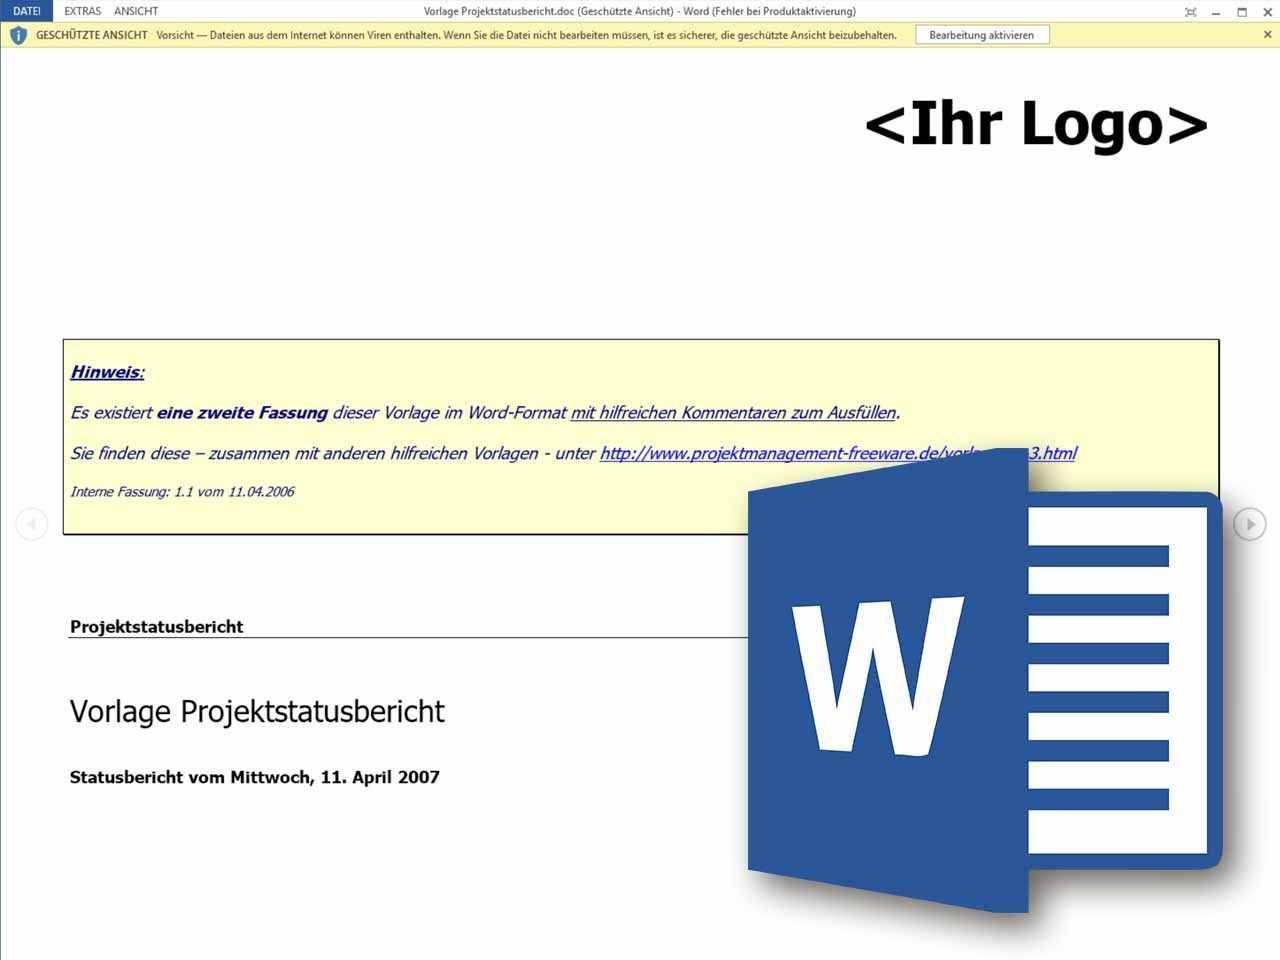 Projektstatusbericht Im Projektmanagement Als Word Vorlage Vorlagen